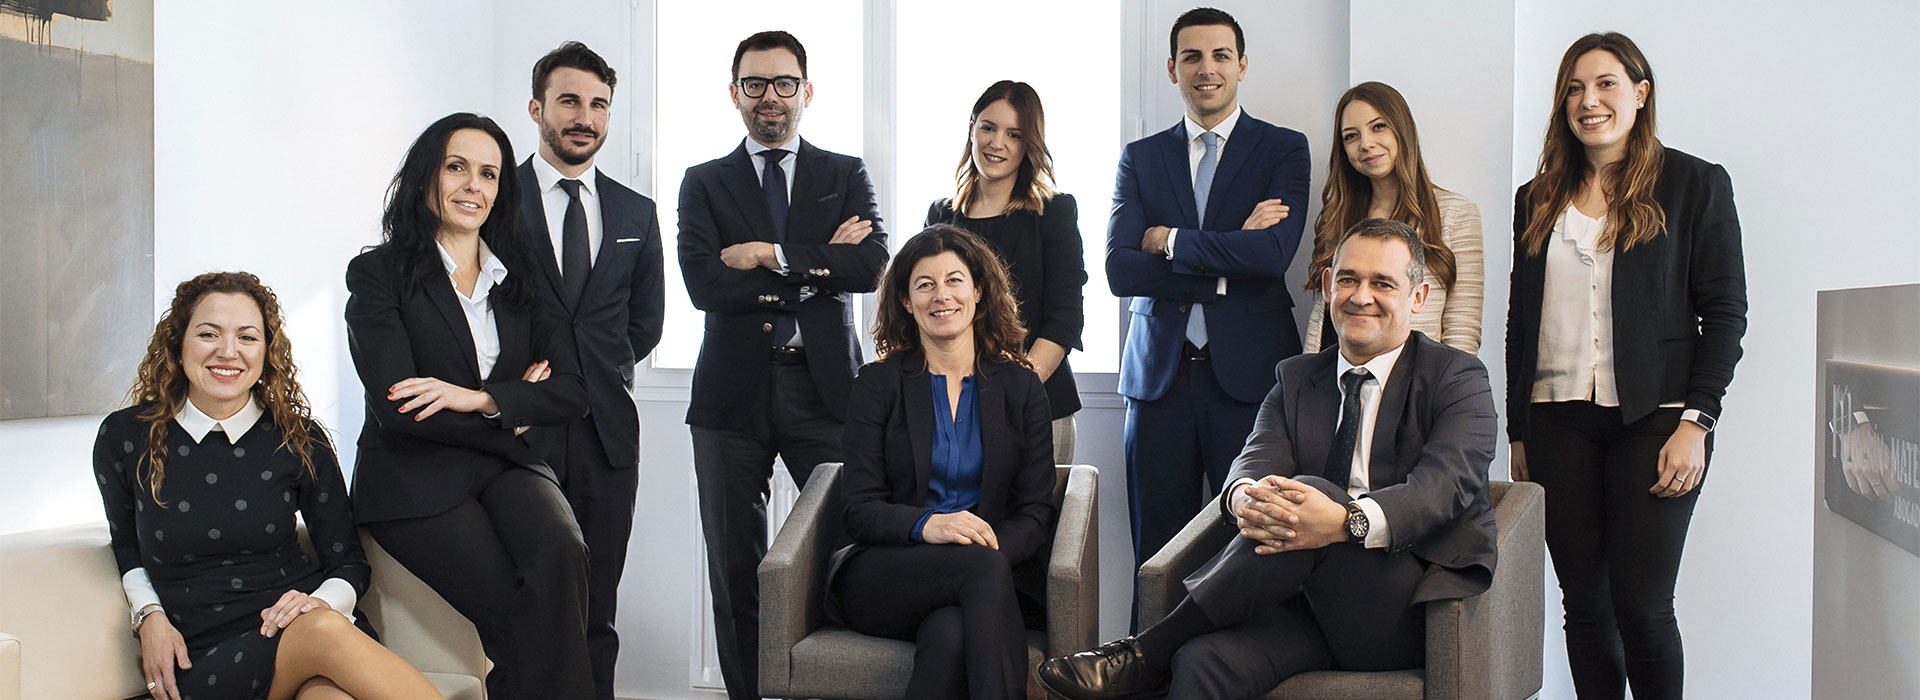 Bufete de abogados en Valencia centro